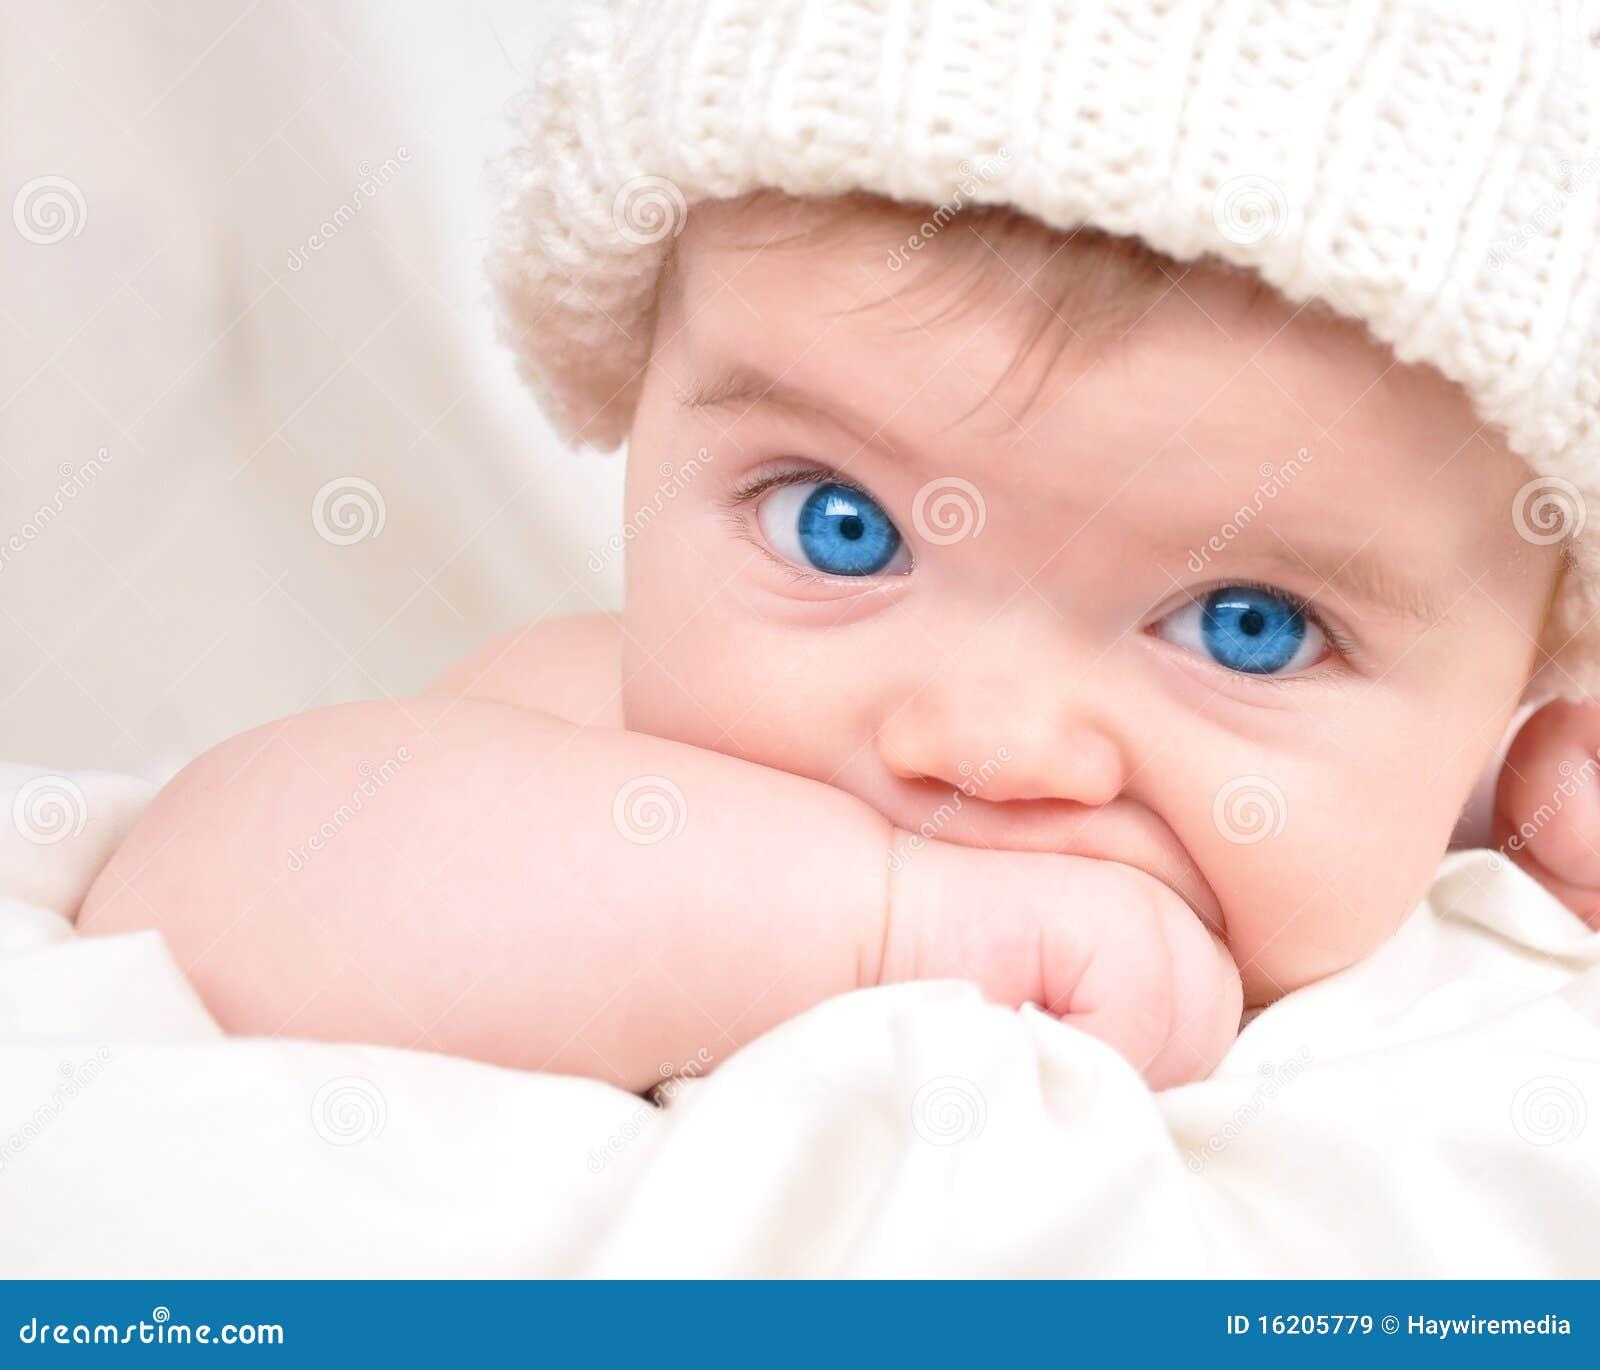 Happy Little Baby Child Sucking Hand